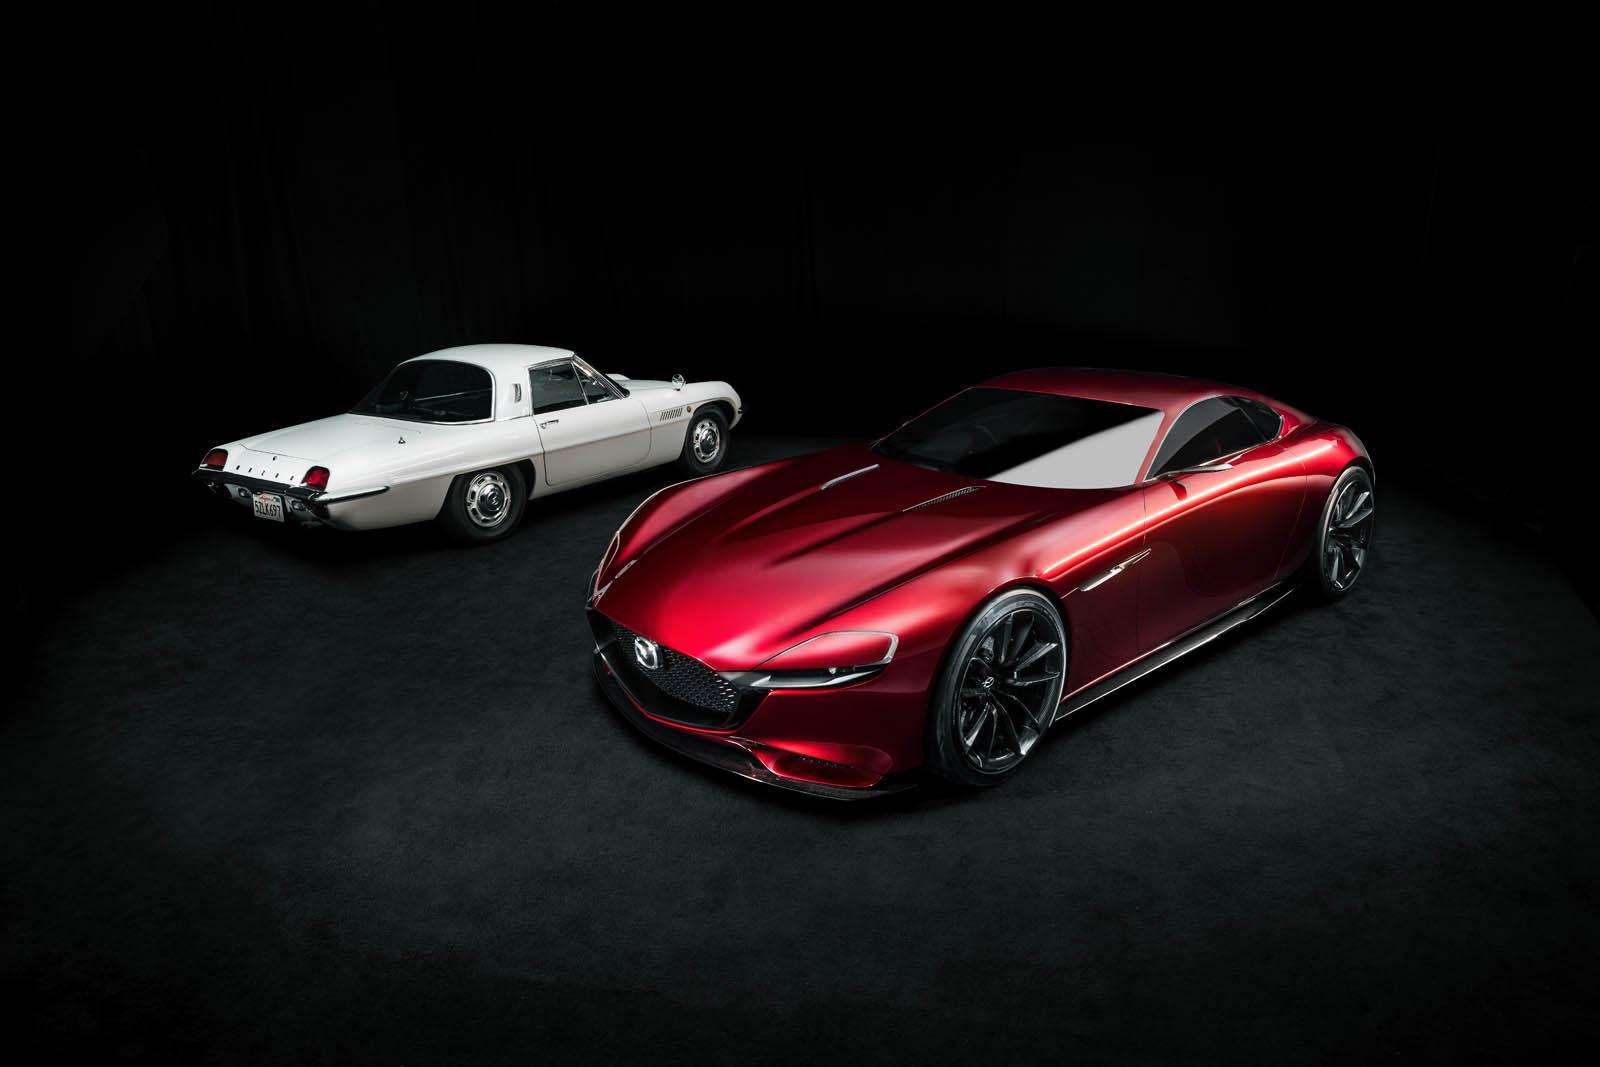 Mazda-50-years-of-rotary-13